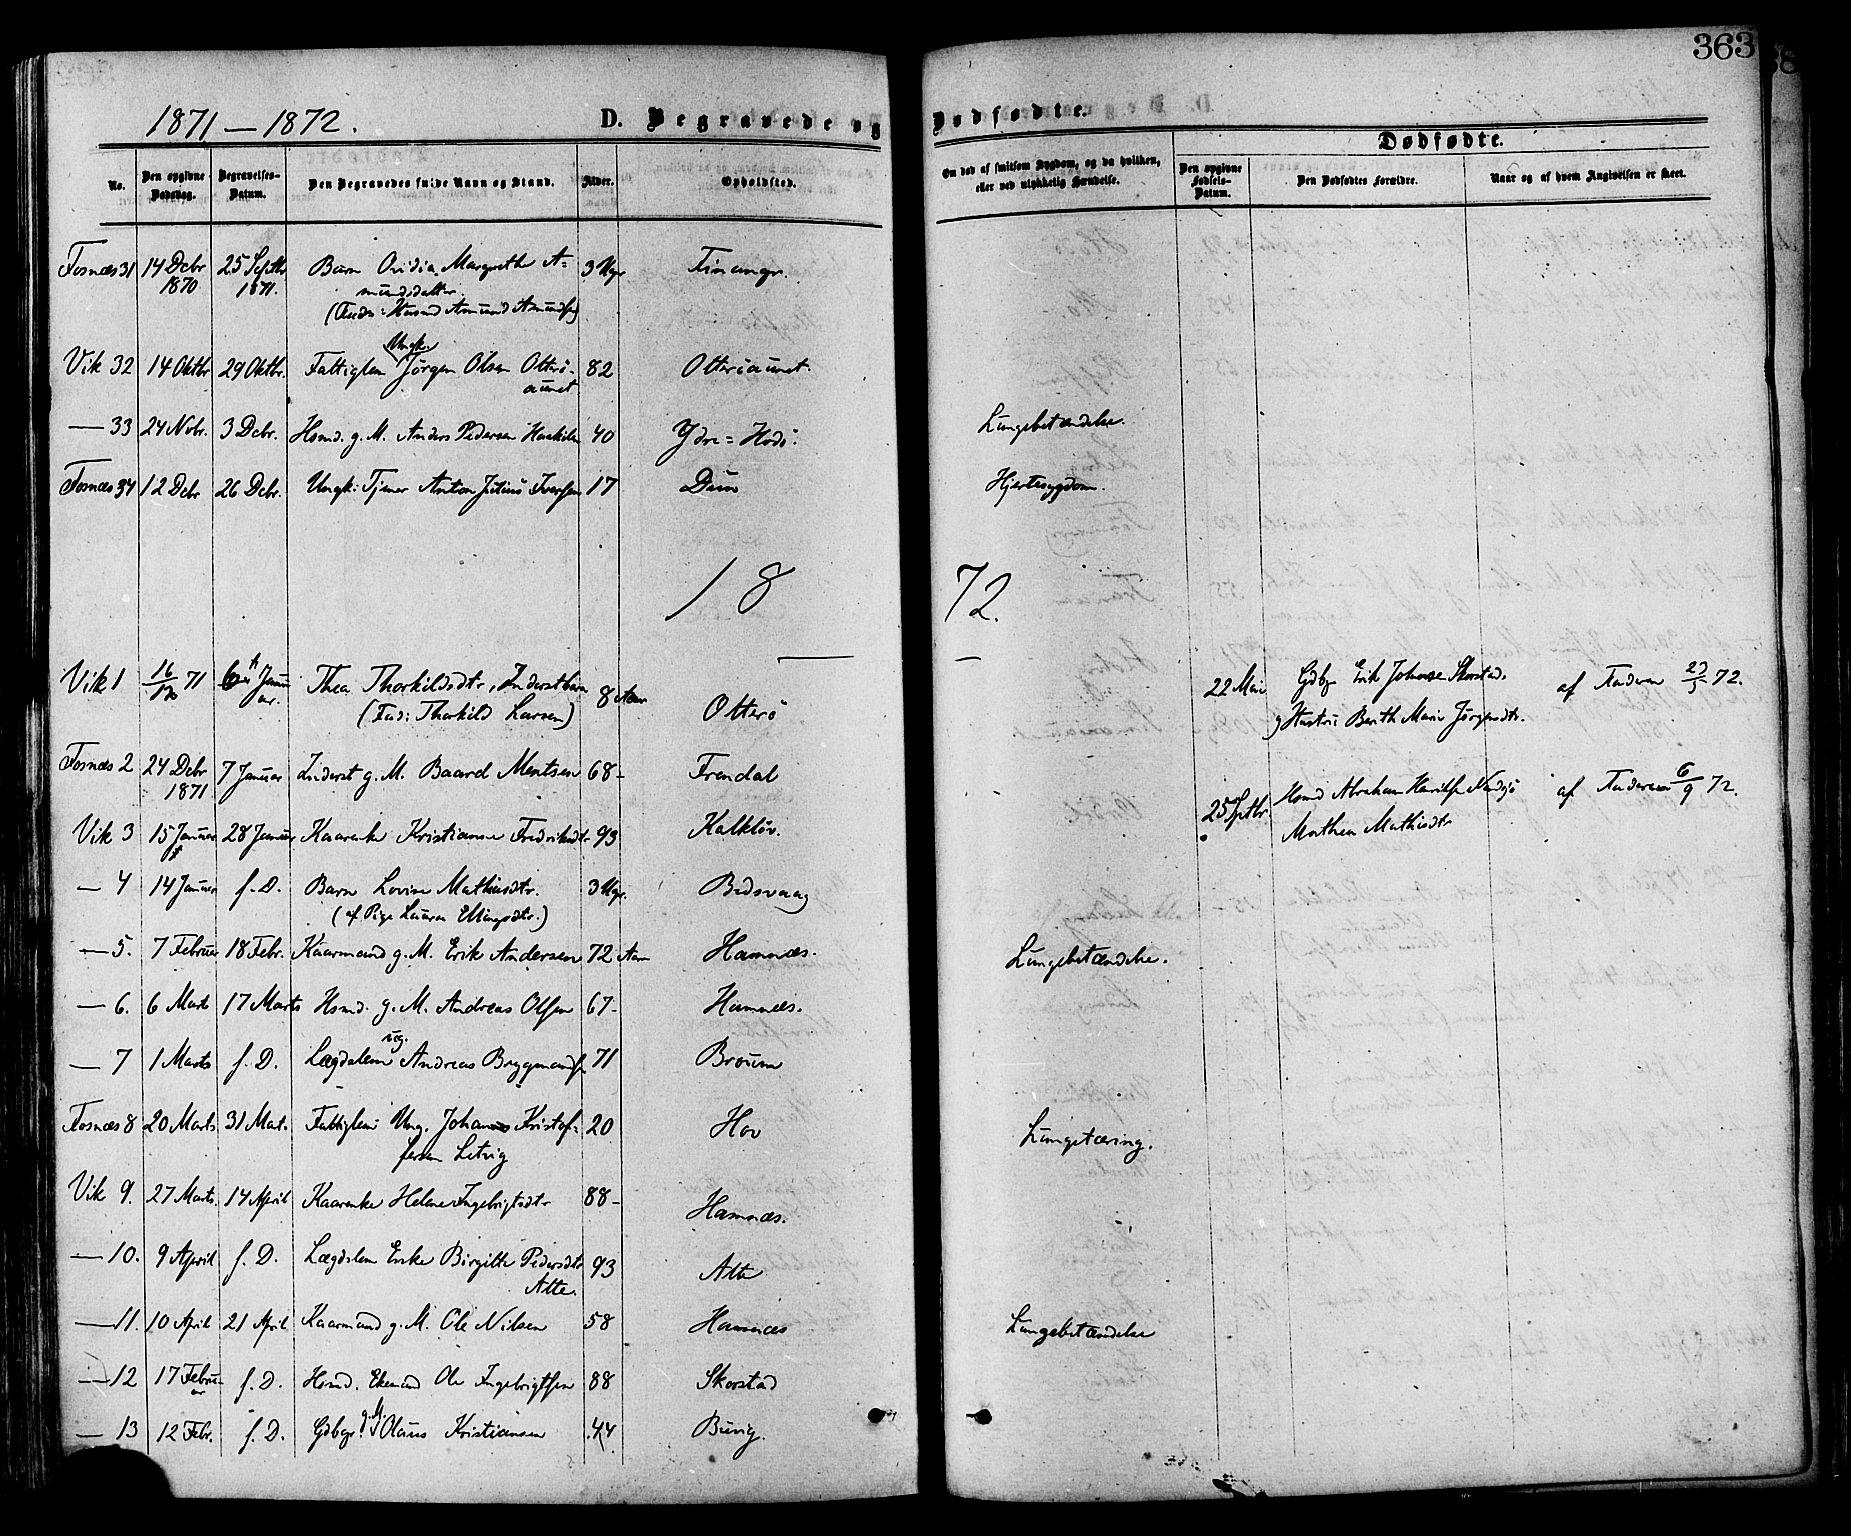 SAT, Ministerialprotokoller, klokkerbøker og fødselsregistre - Nord-Trøndelag, 773/L0616: Ministerialbok nr. 773A07, 1870-1887, s. 363